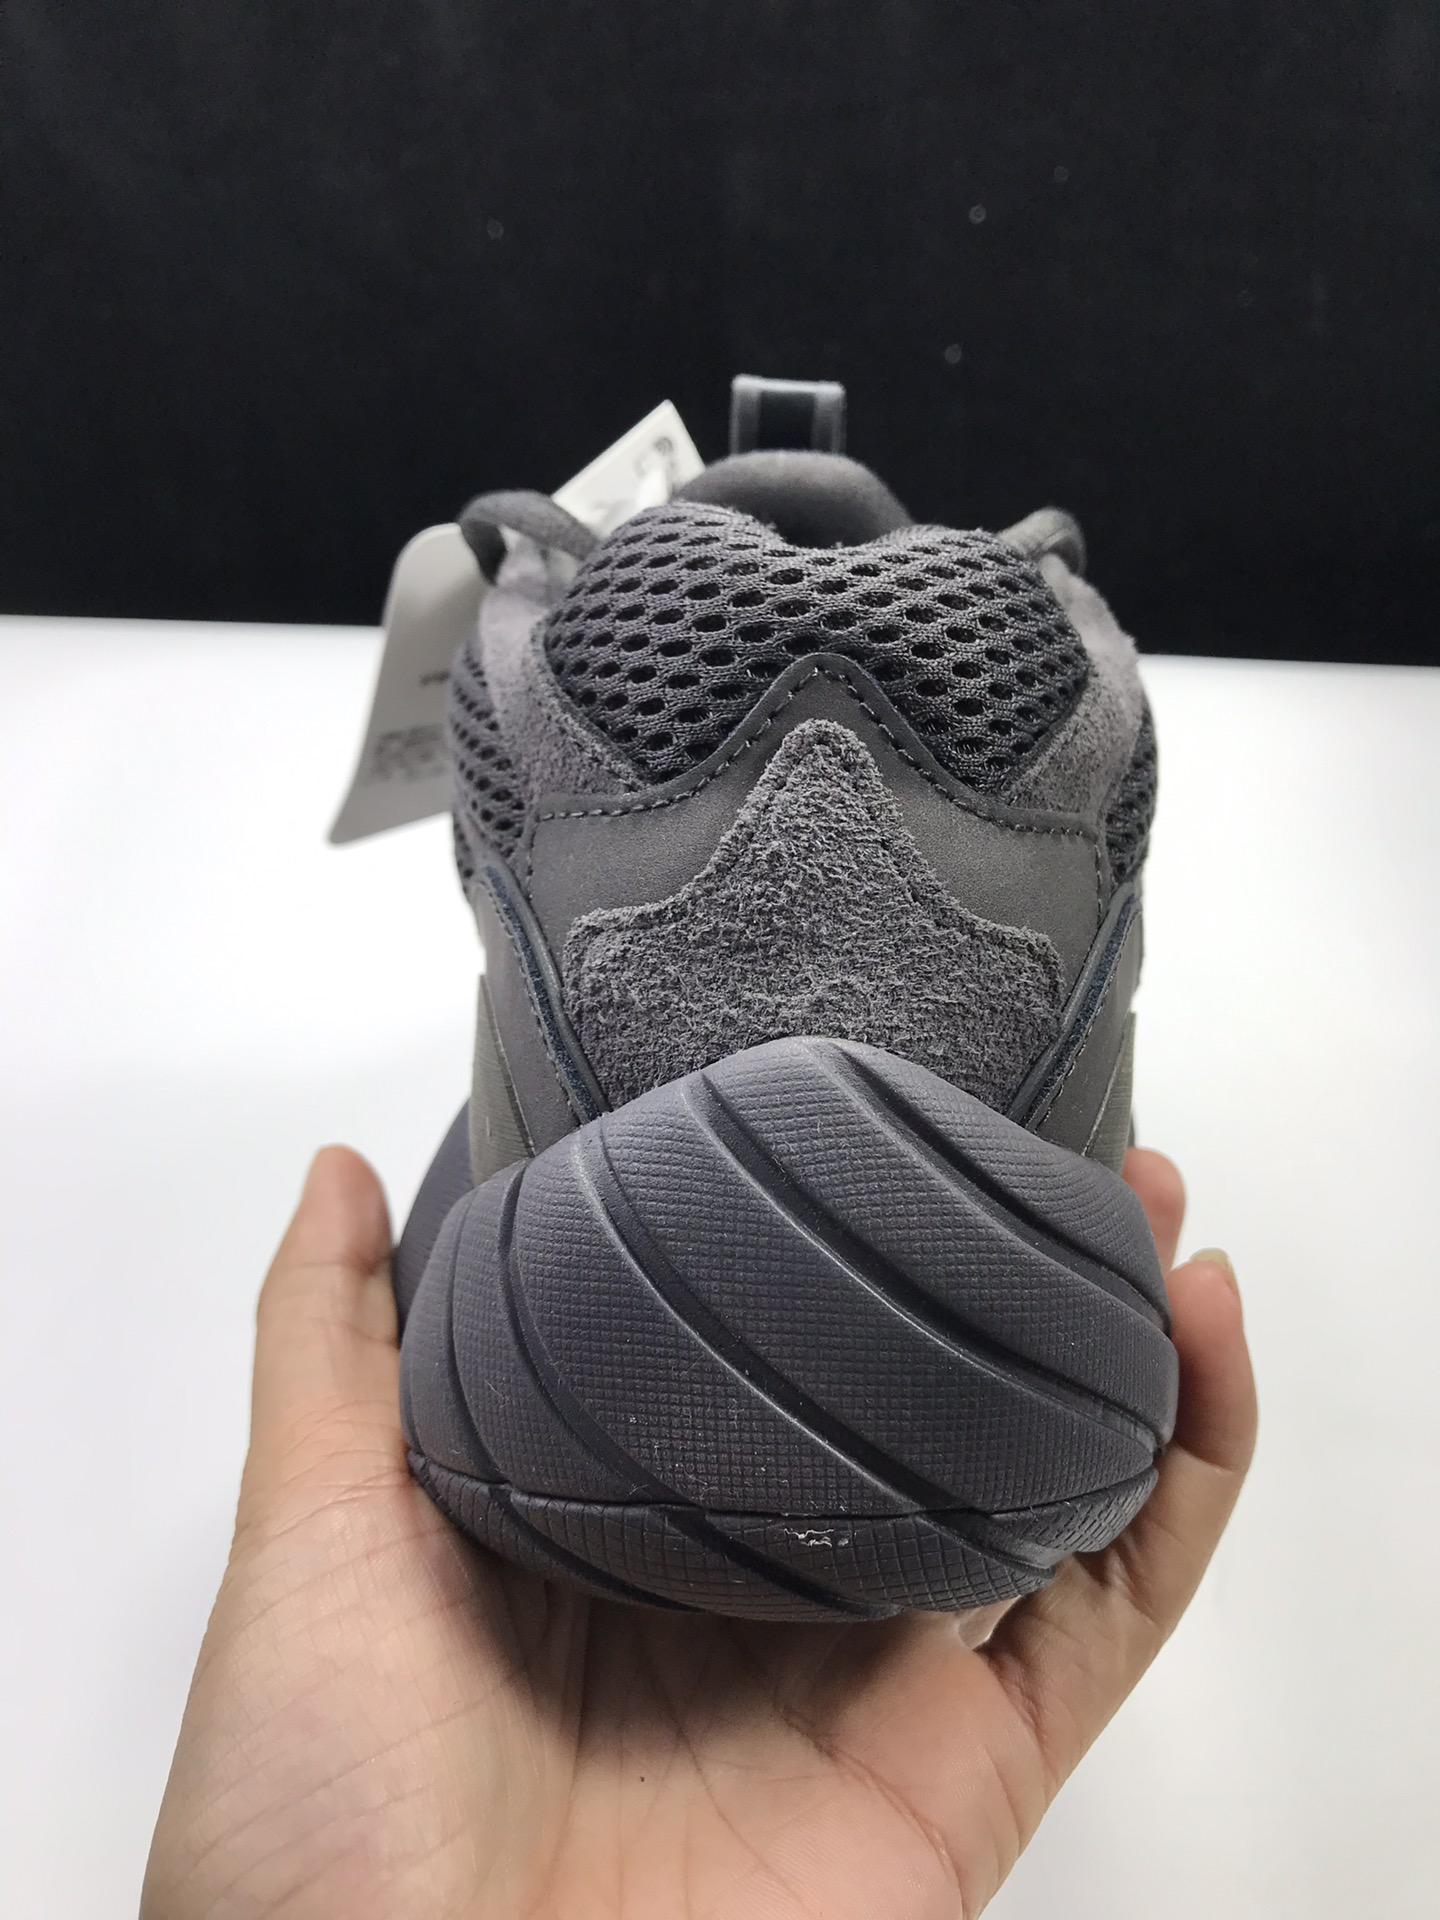 【性比G5版:椰子500】黑魂  阿迪达斯 adidas yeezy 500,货号:F36640_ljr版本微信